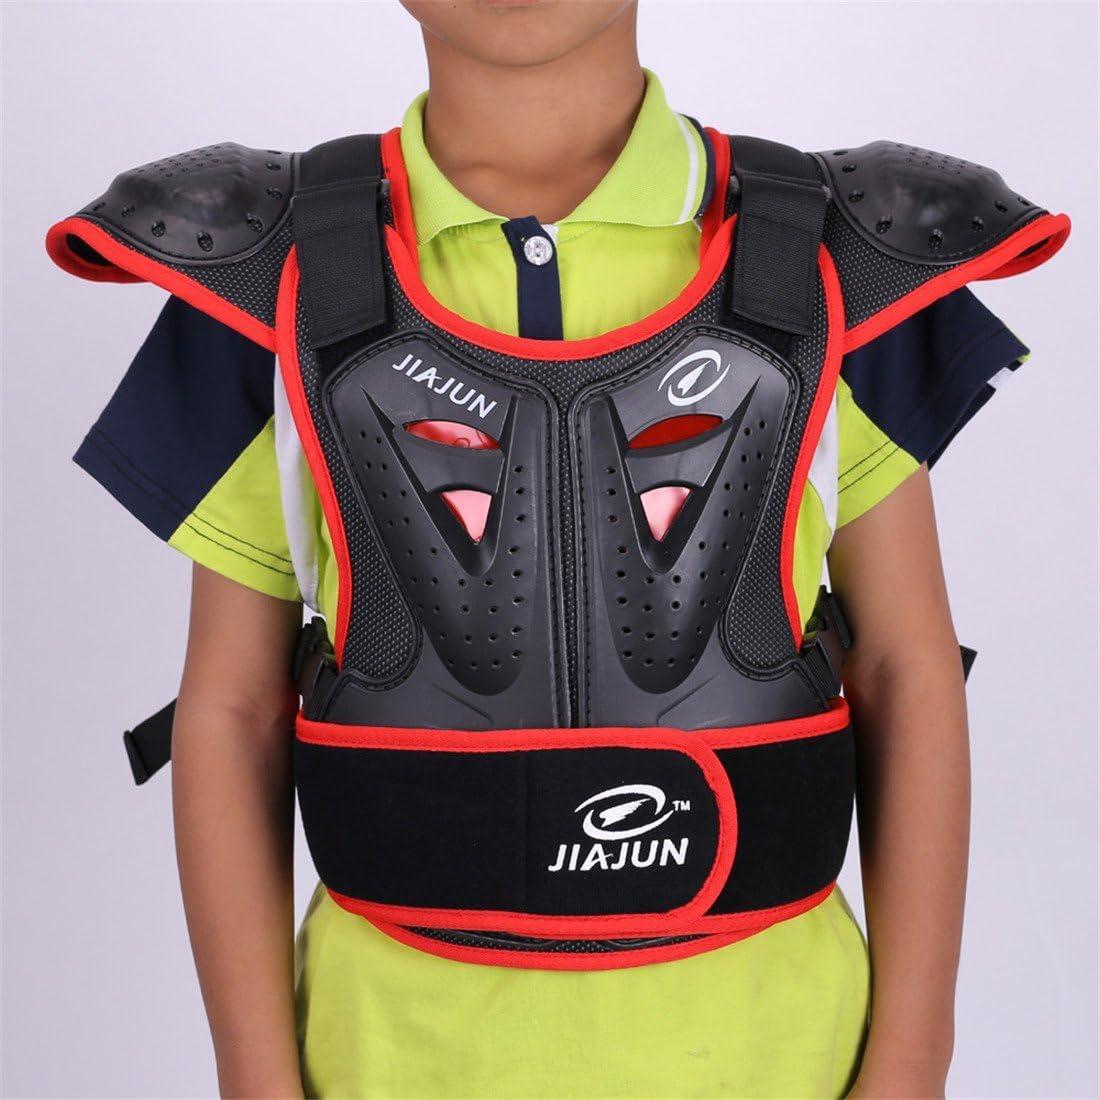 Akaufeng Motorrad Protektorenjacke Kinder Ärmellos Protektorenhemd Motorrad S Xl Mtb Protektoren Schutzkleidung Schutzweste Bekleidung